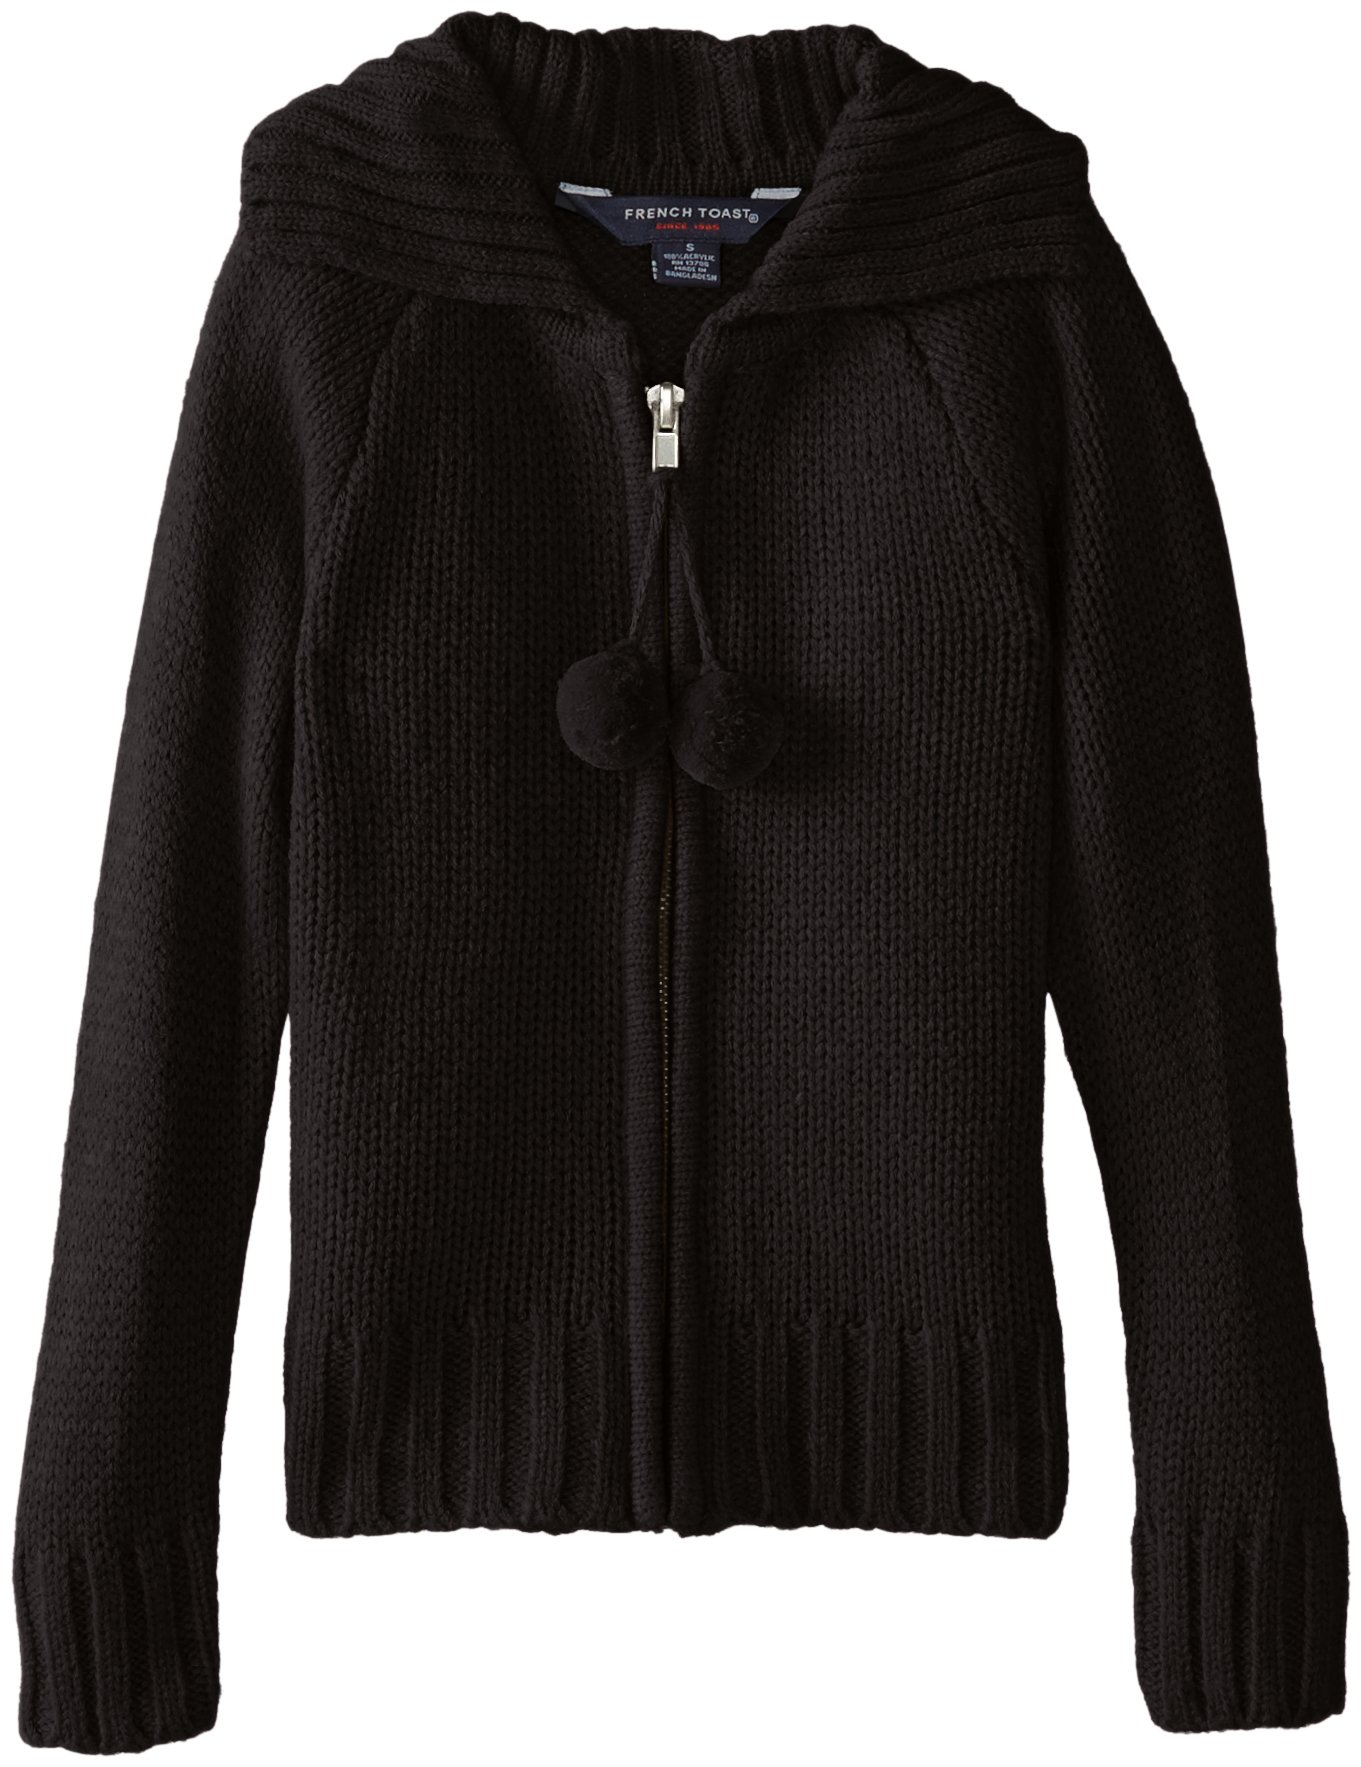 French Toast Little Girls' Pom Pom Zip Front Cardigan, School Black, 6X